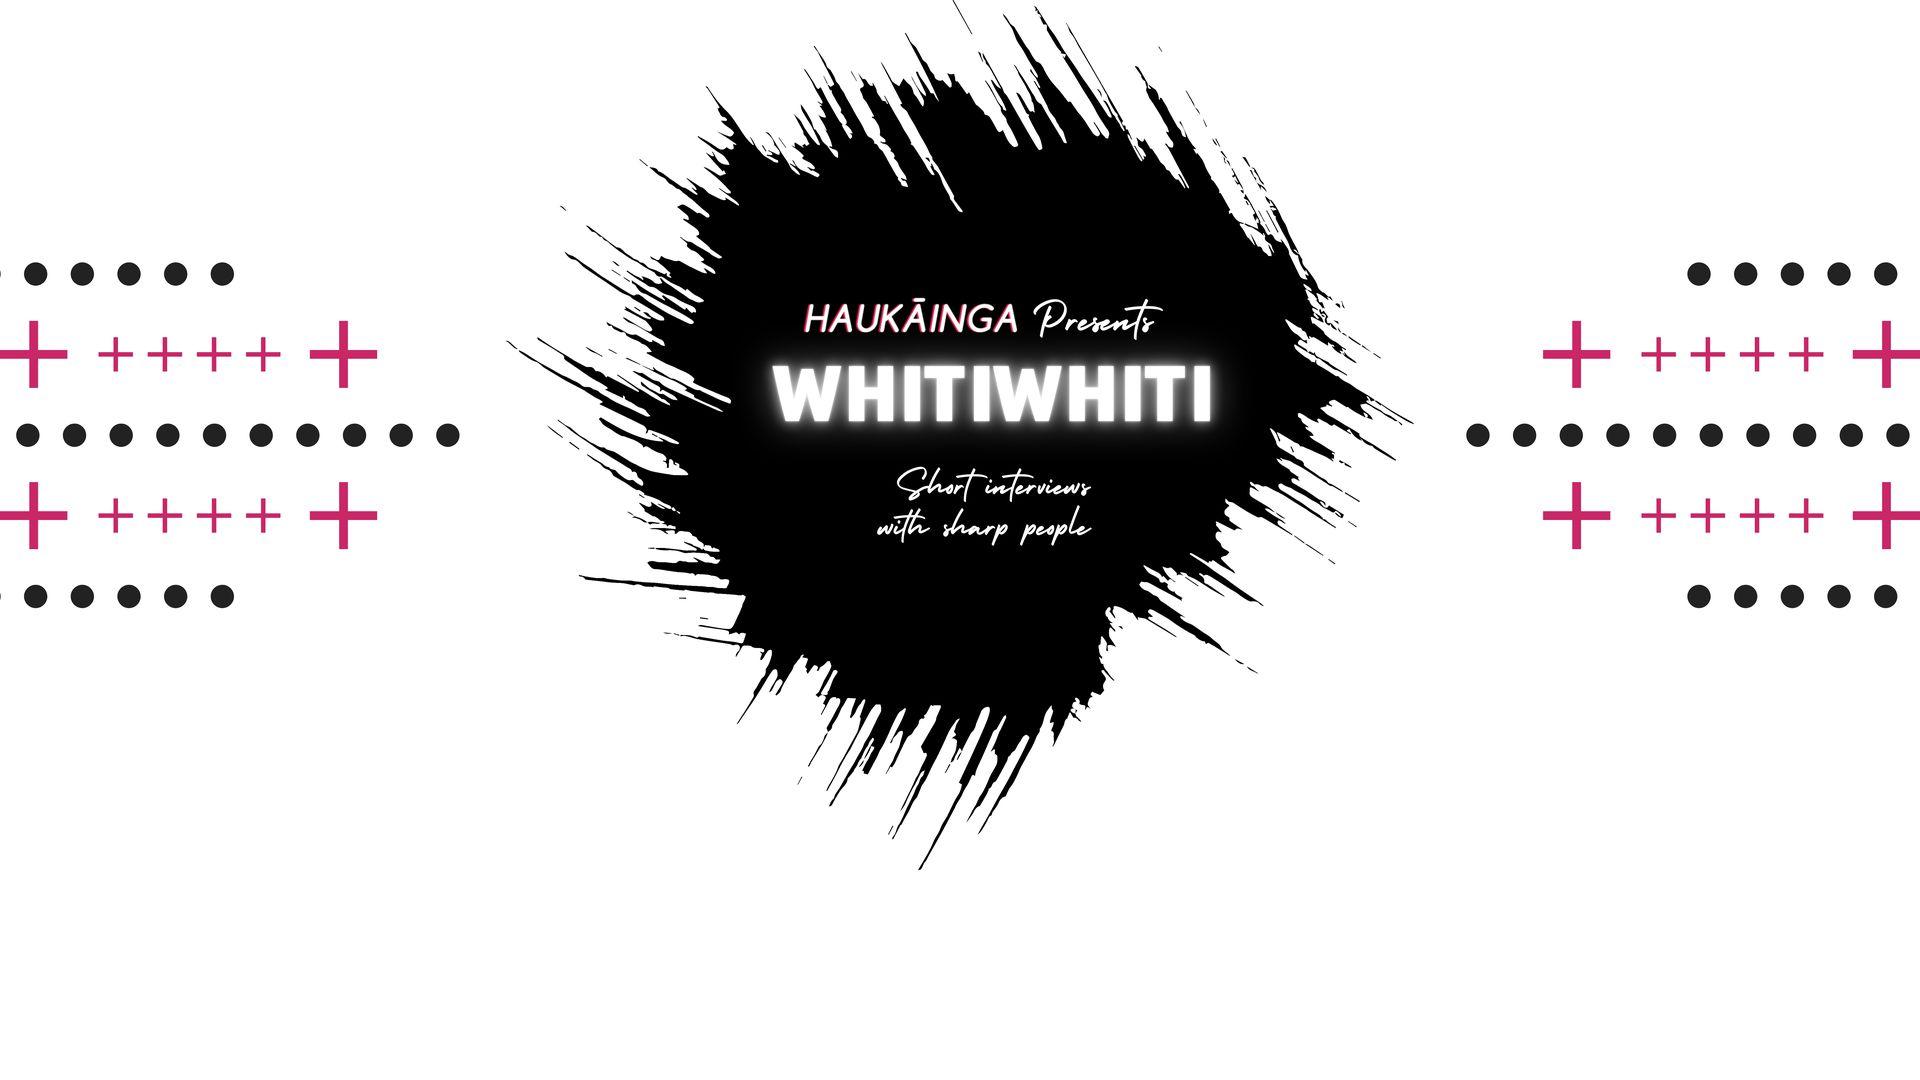 Whitiwhiti